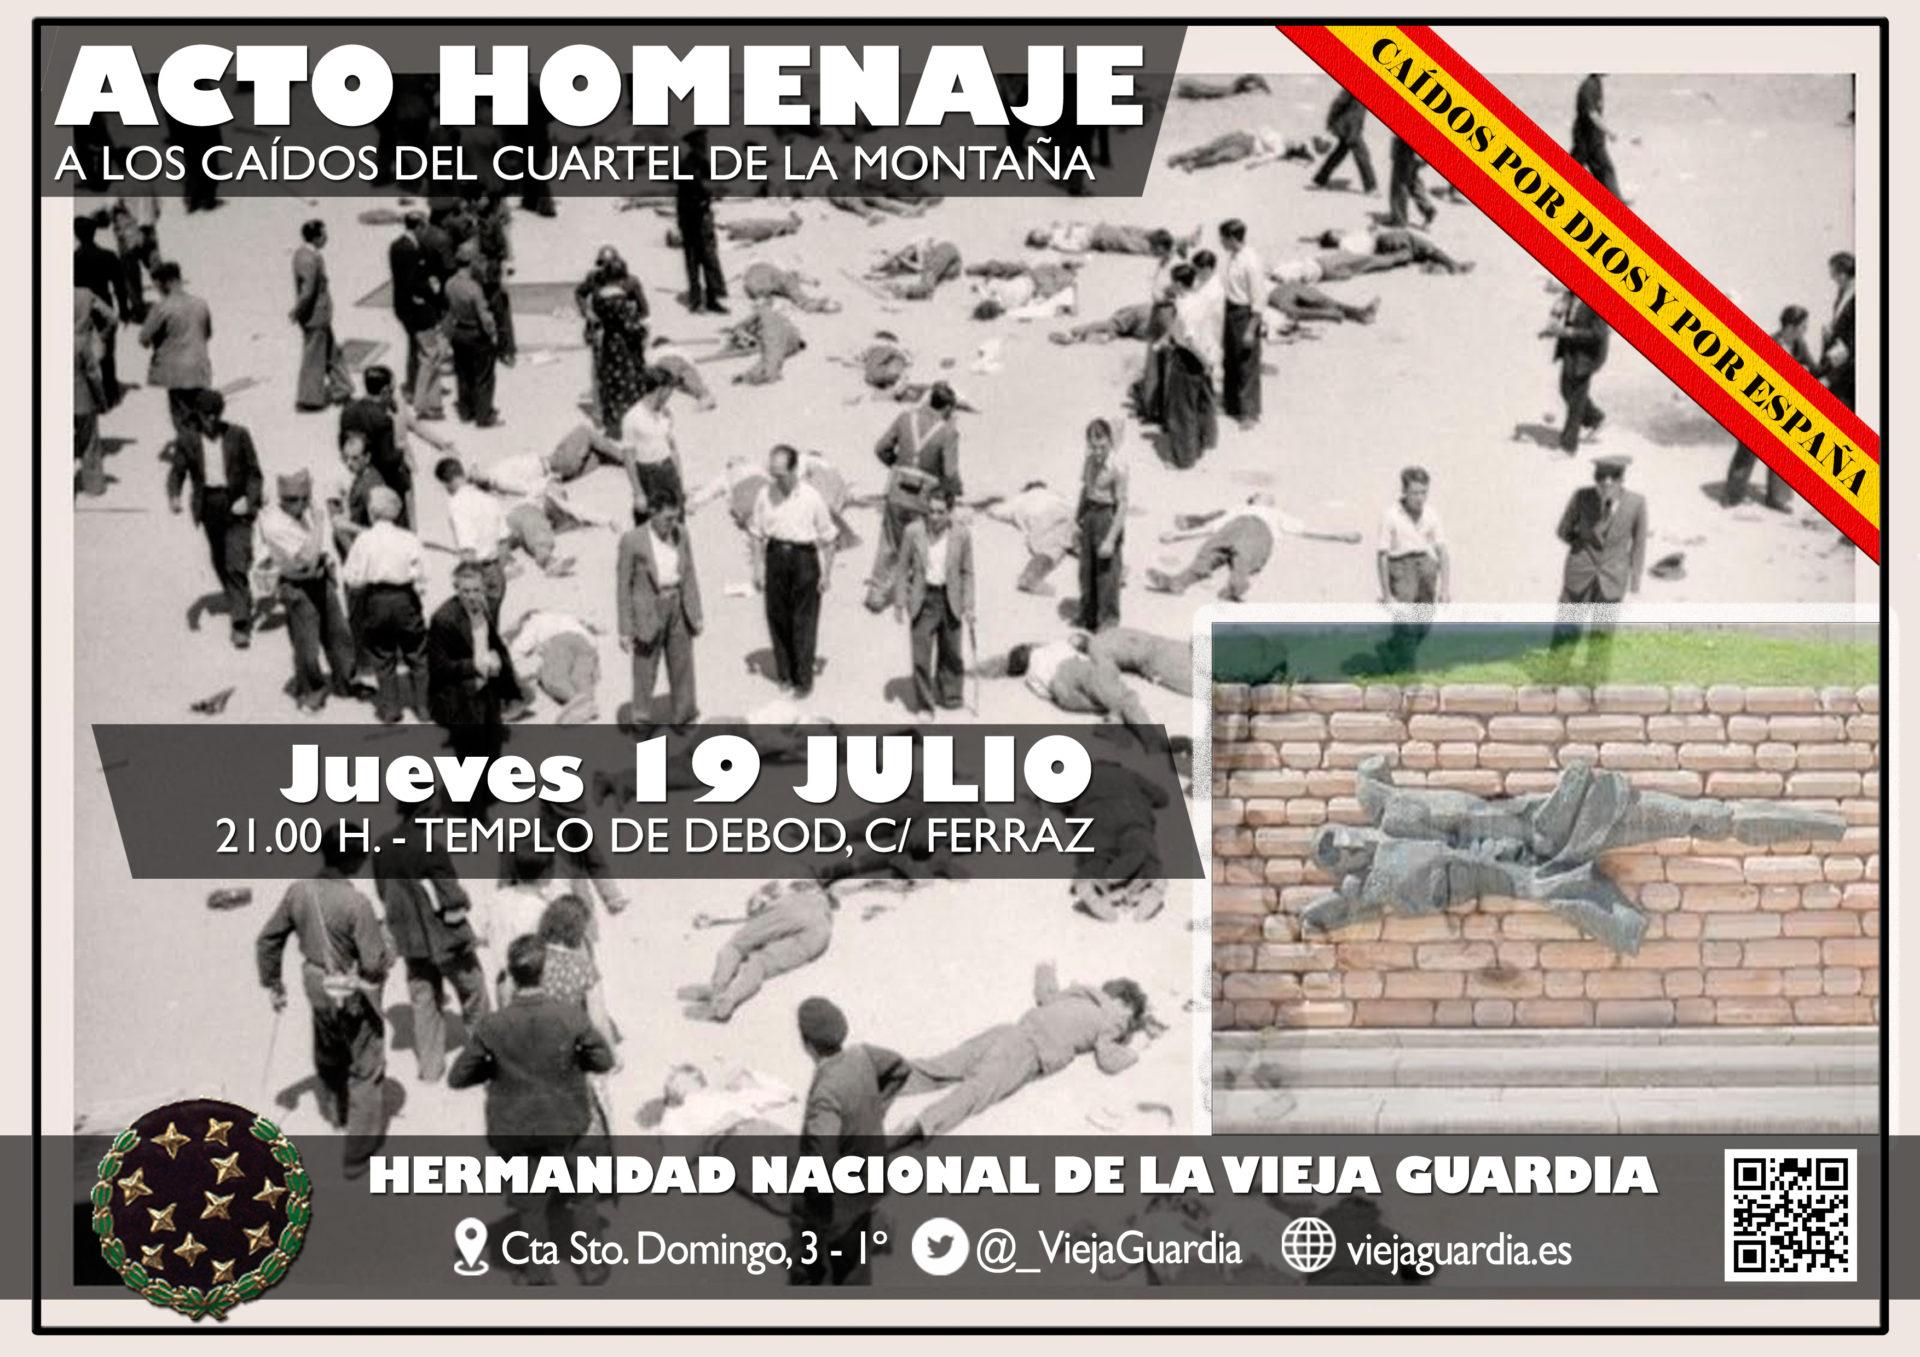 Jueves 19 de Julio: Acto de Homenaje a los Caídos del Cuartel de la Montaña